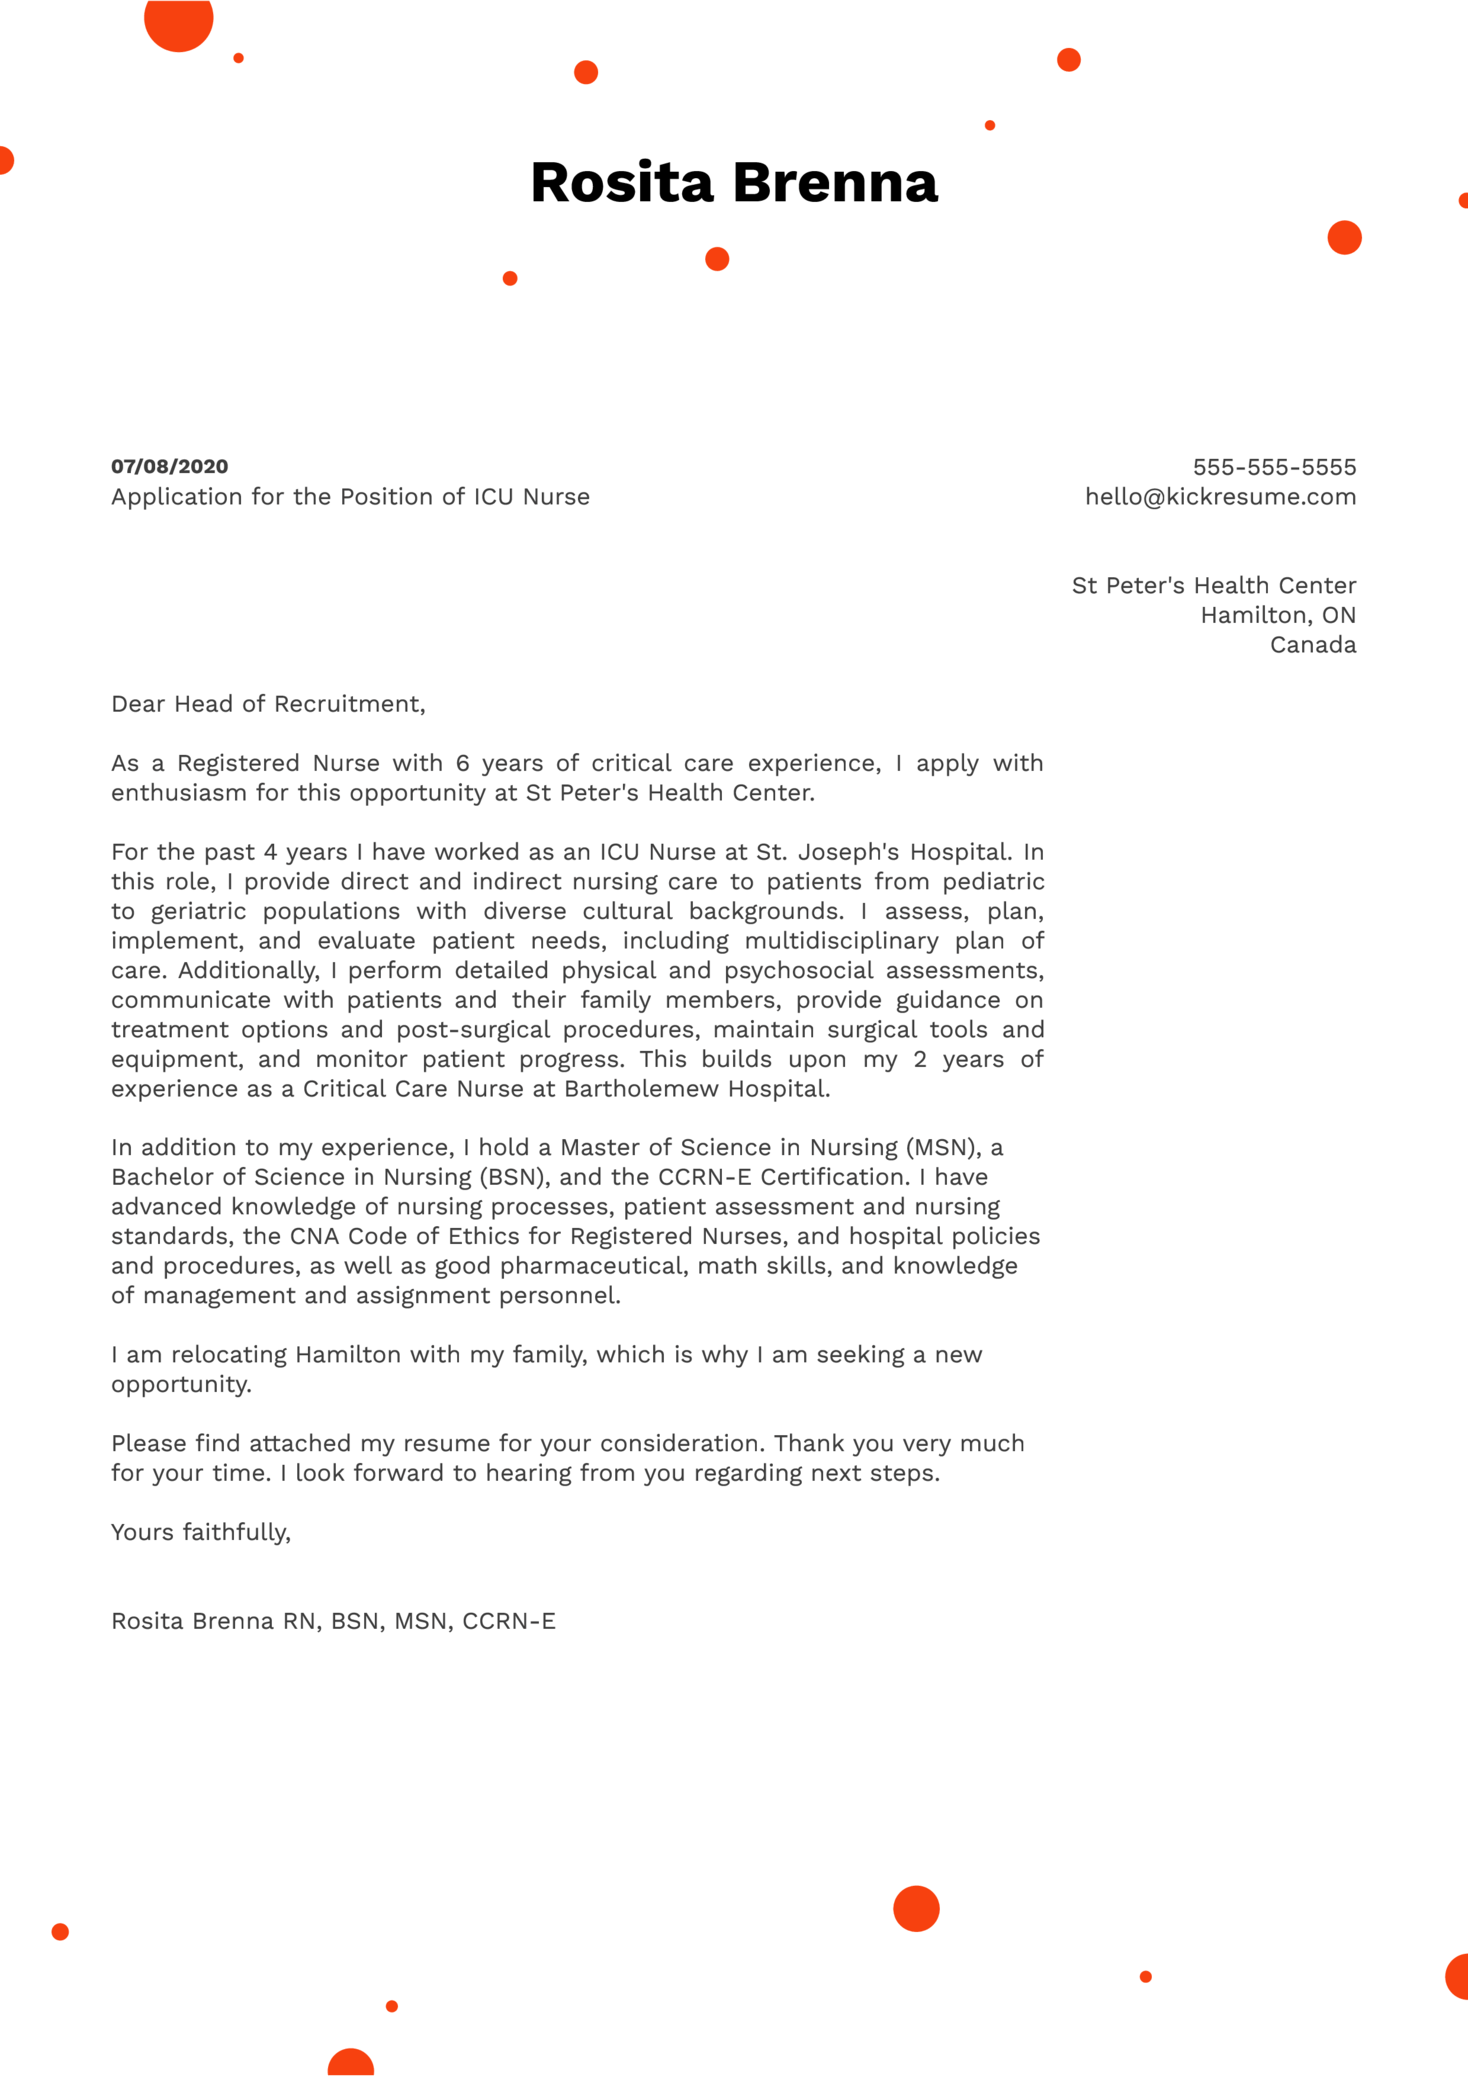 ICU Nurse Cover Letter Sample